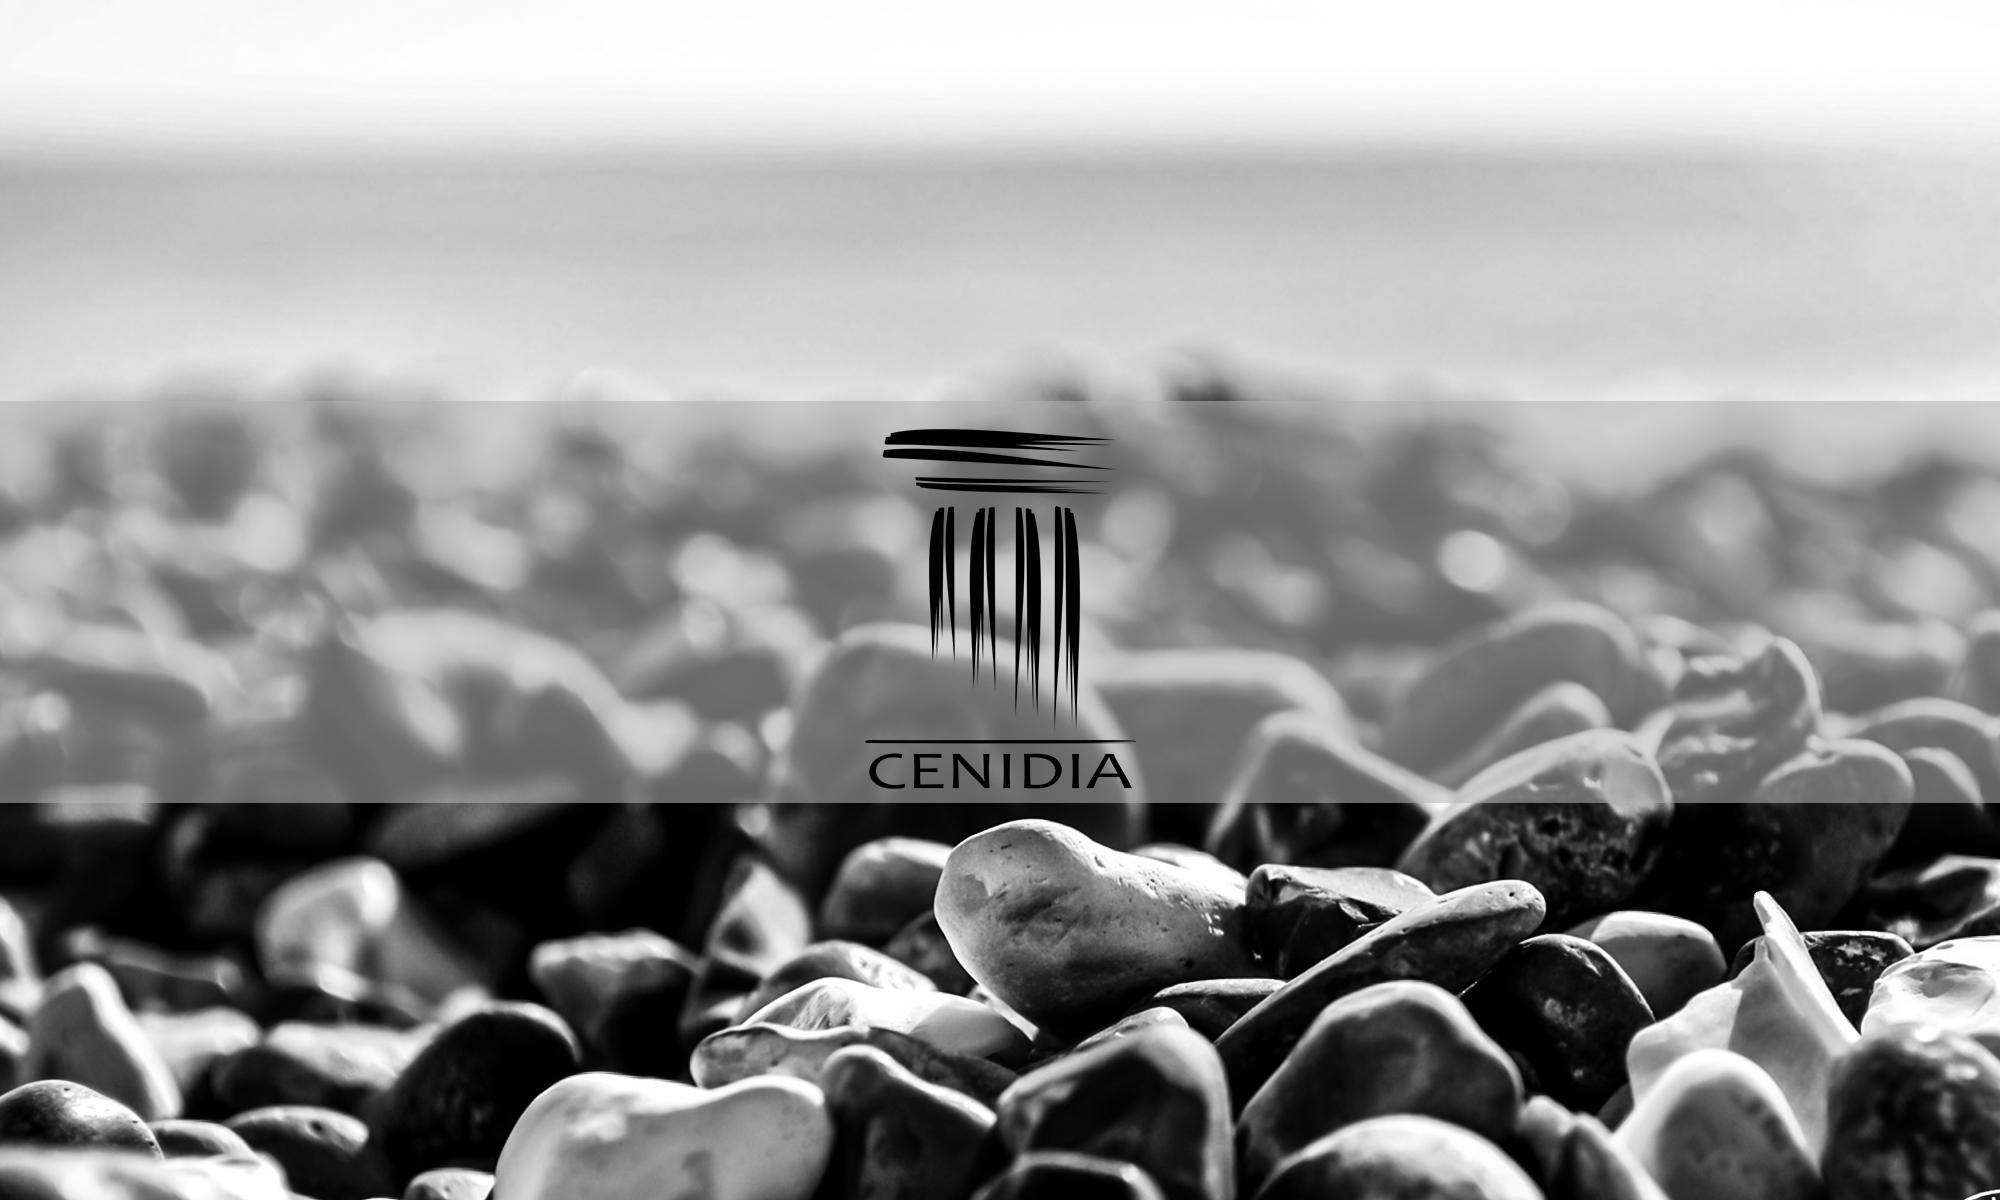 CENIDIA